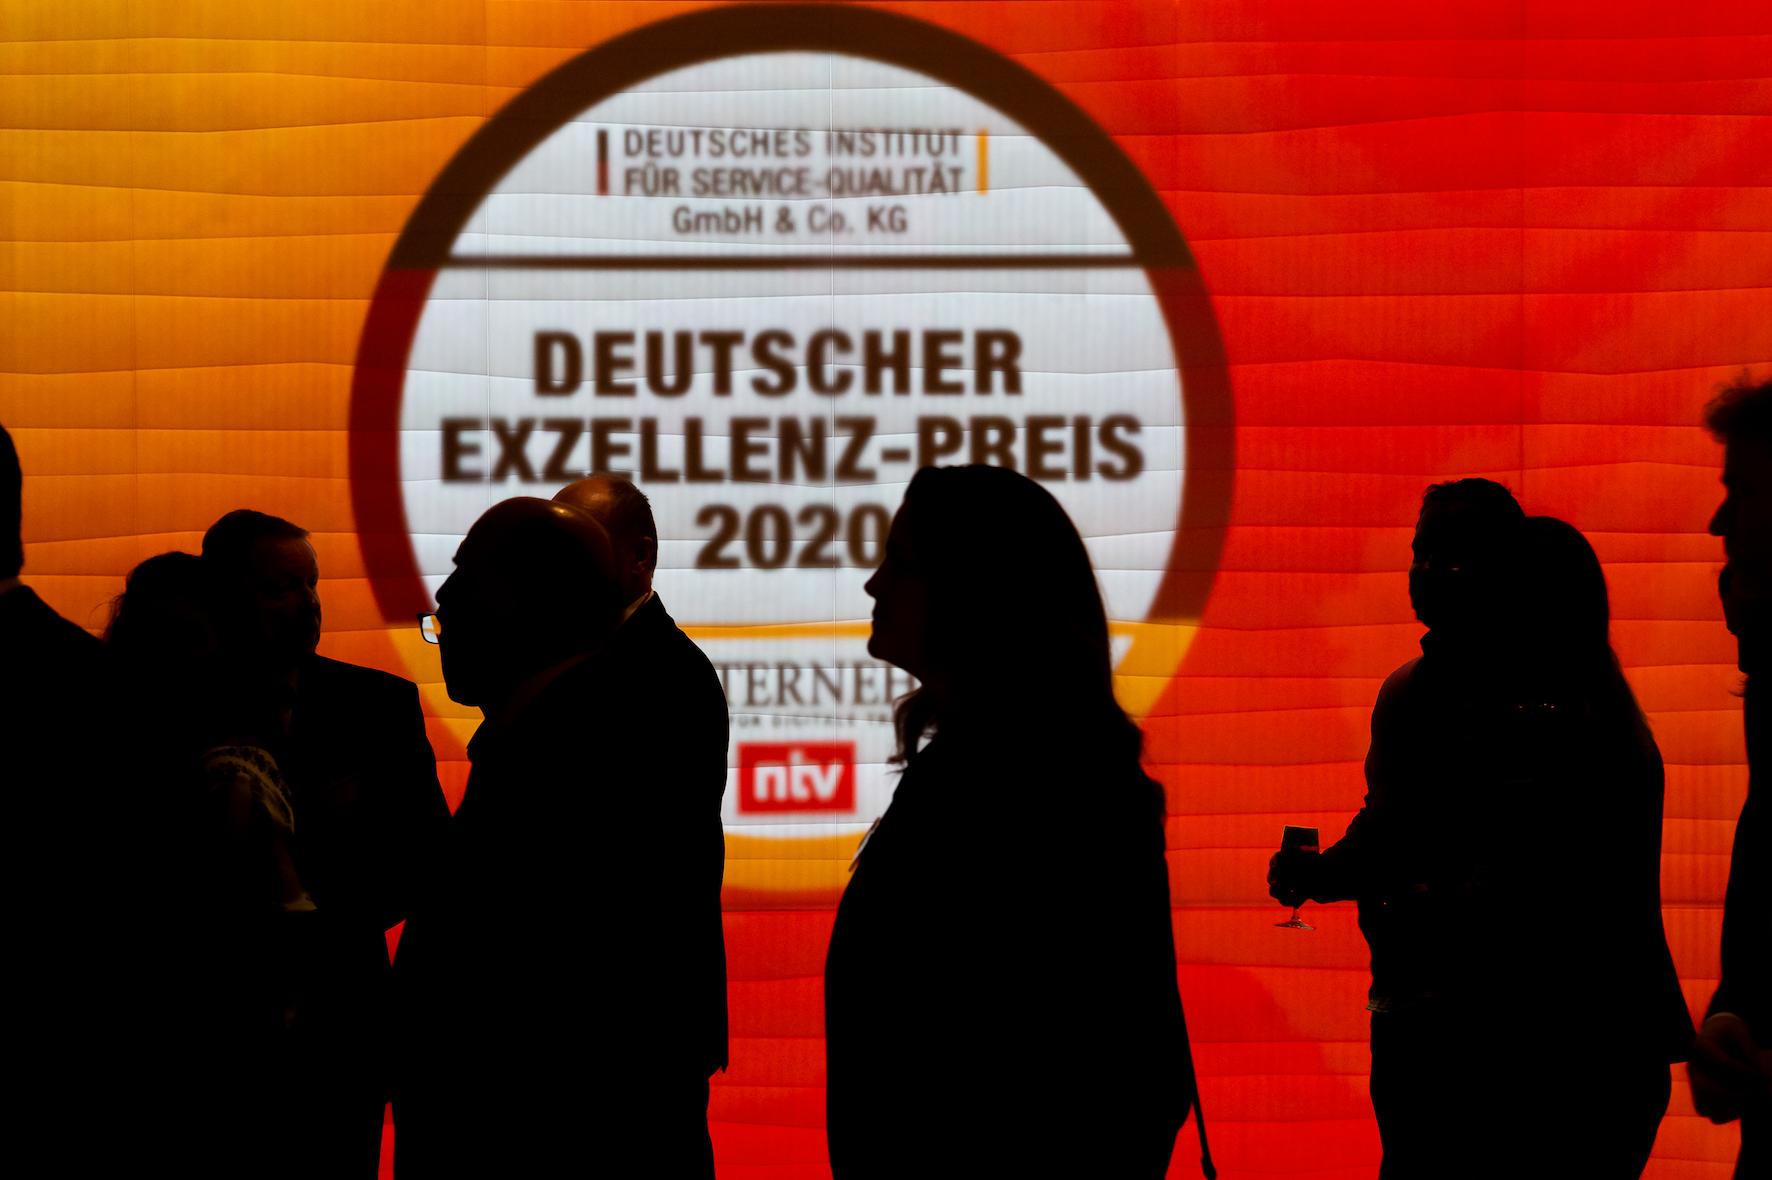 Deutscher Exzellenz-Preis 2020 Logo